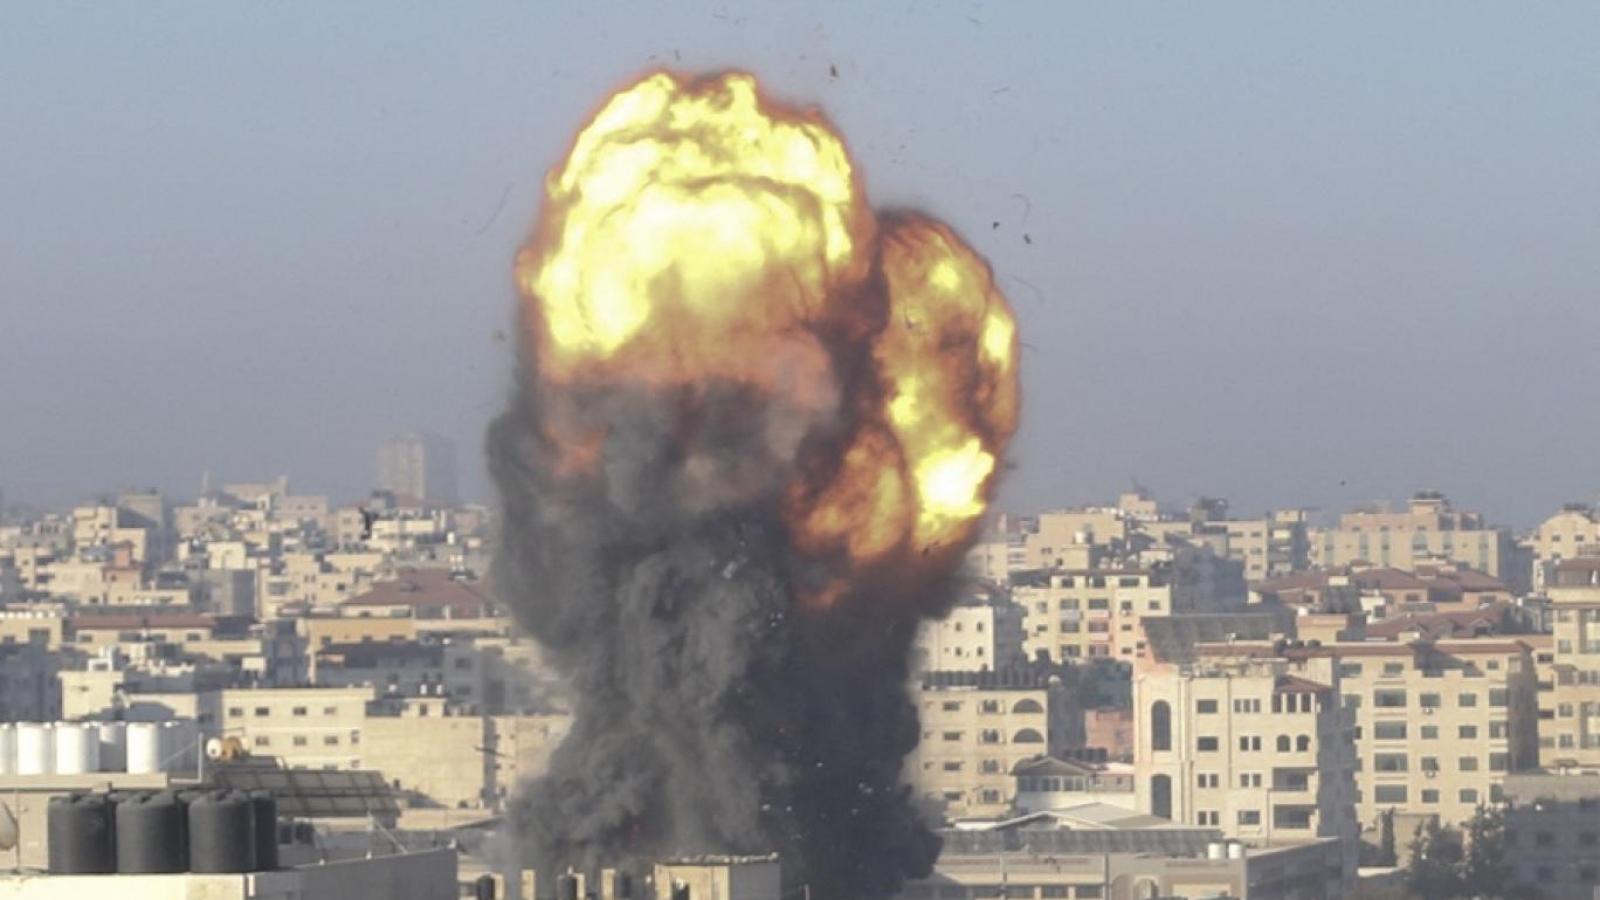 Quốc tế nỗ lực hòa giải, xung đột Israel-Palestine có thể sắp hạ nhiệt